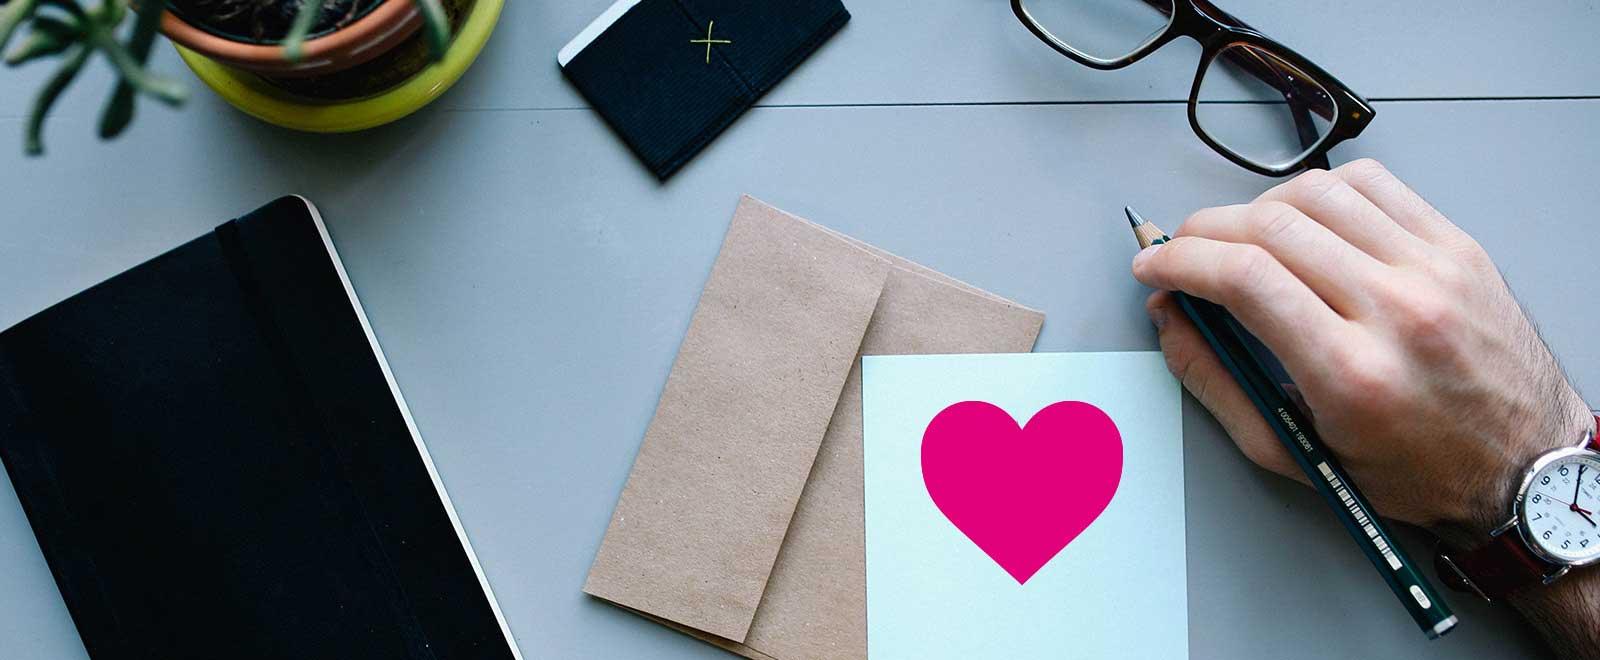 Schreibtisch von oben mit Schreibuntensilien und Herz